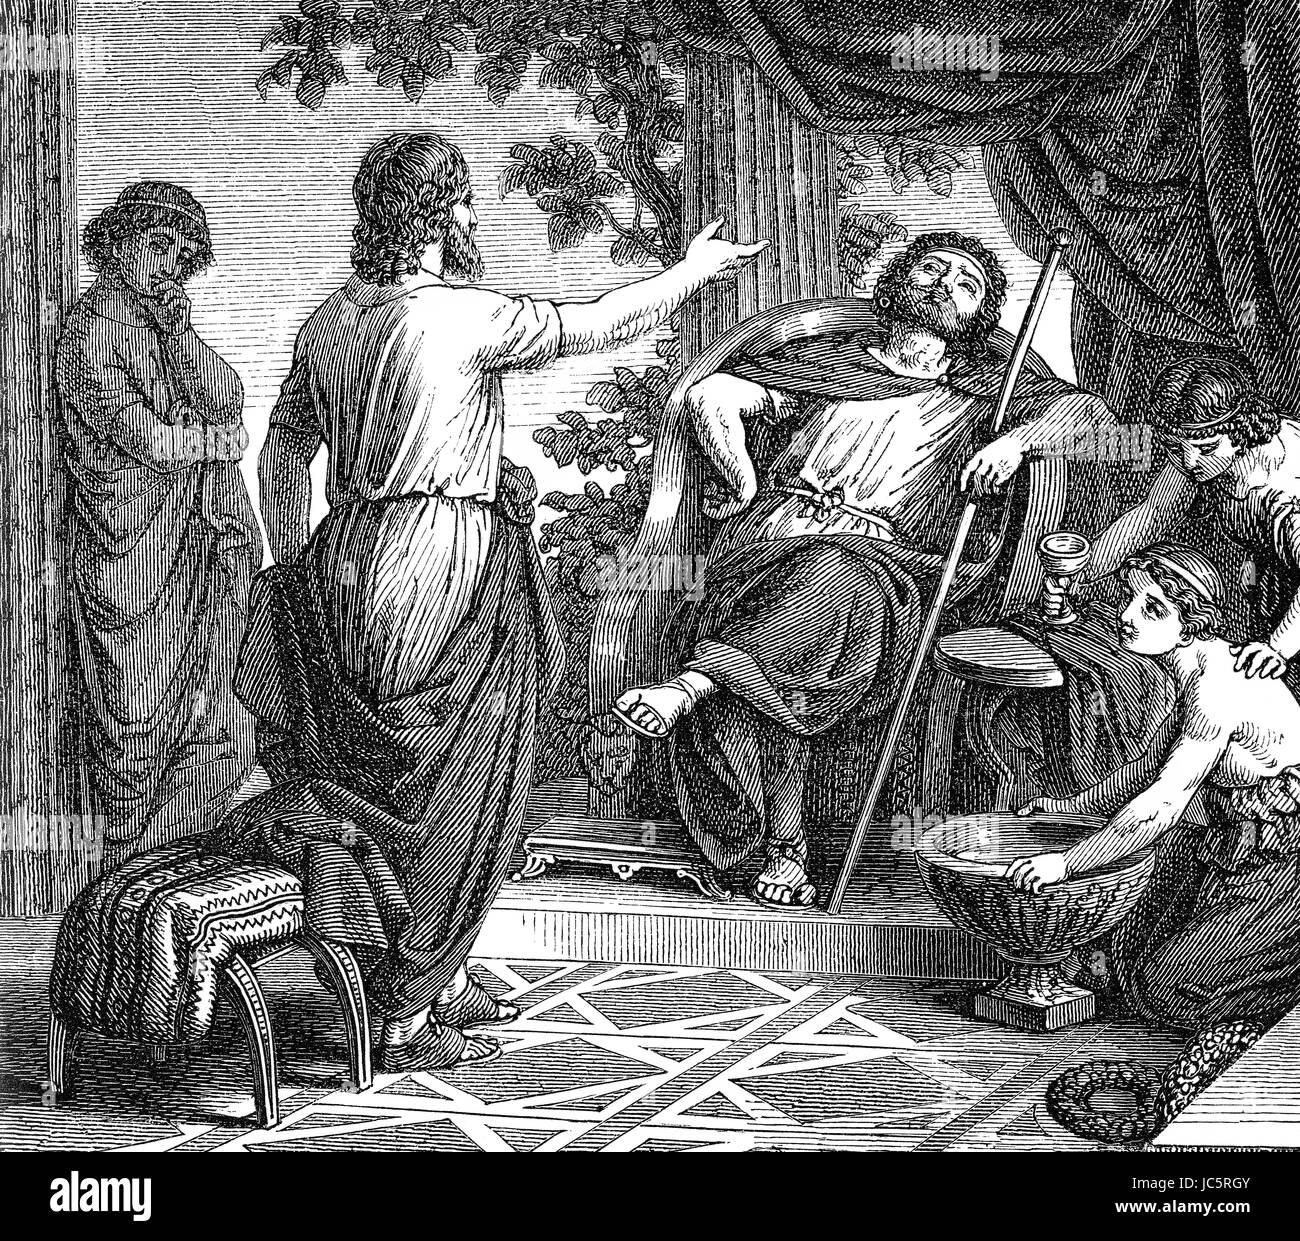 366 v. Chr., Plato Dionysios der jüngere oder Dionysius II, ca. 397 v. Chr. - 343 v. Chr. in Syrakus auf Sizilien Stockbild